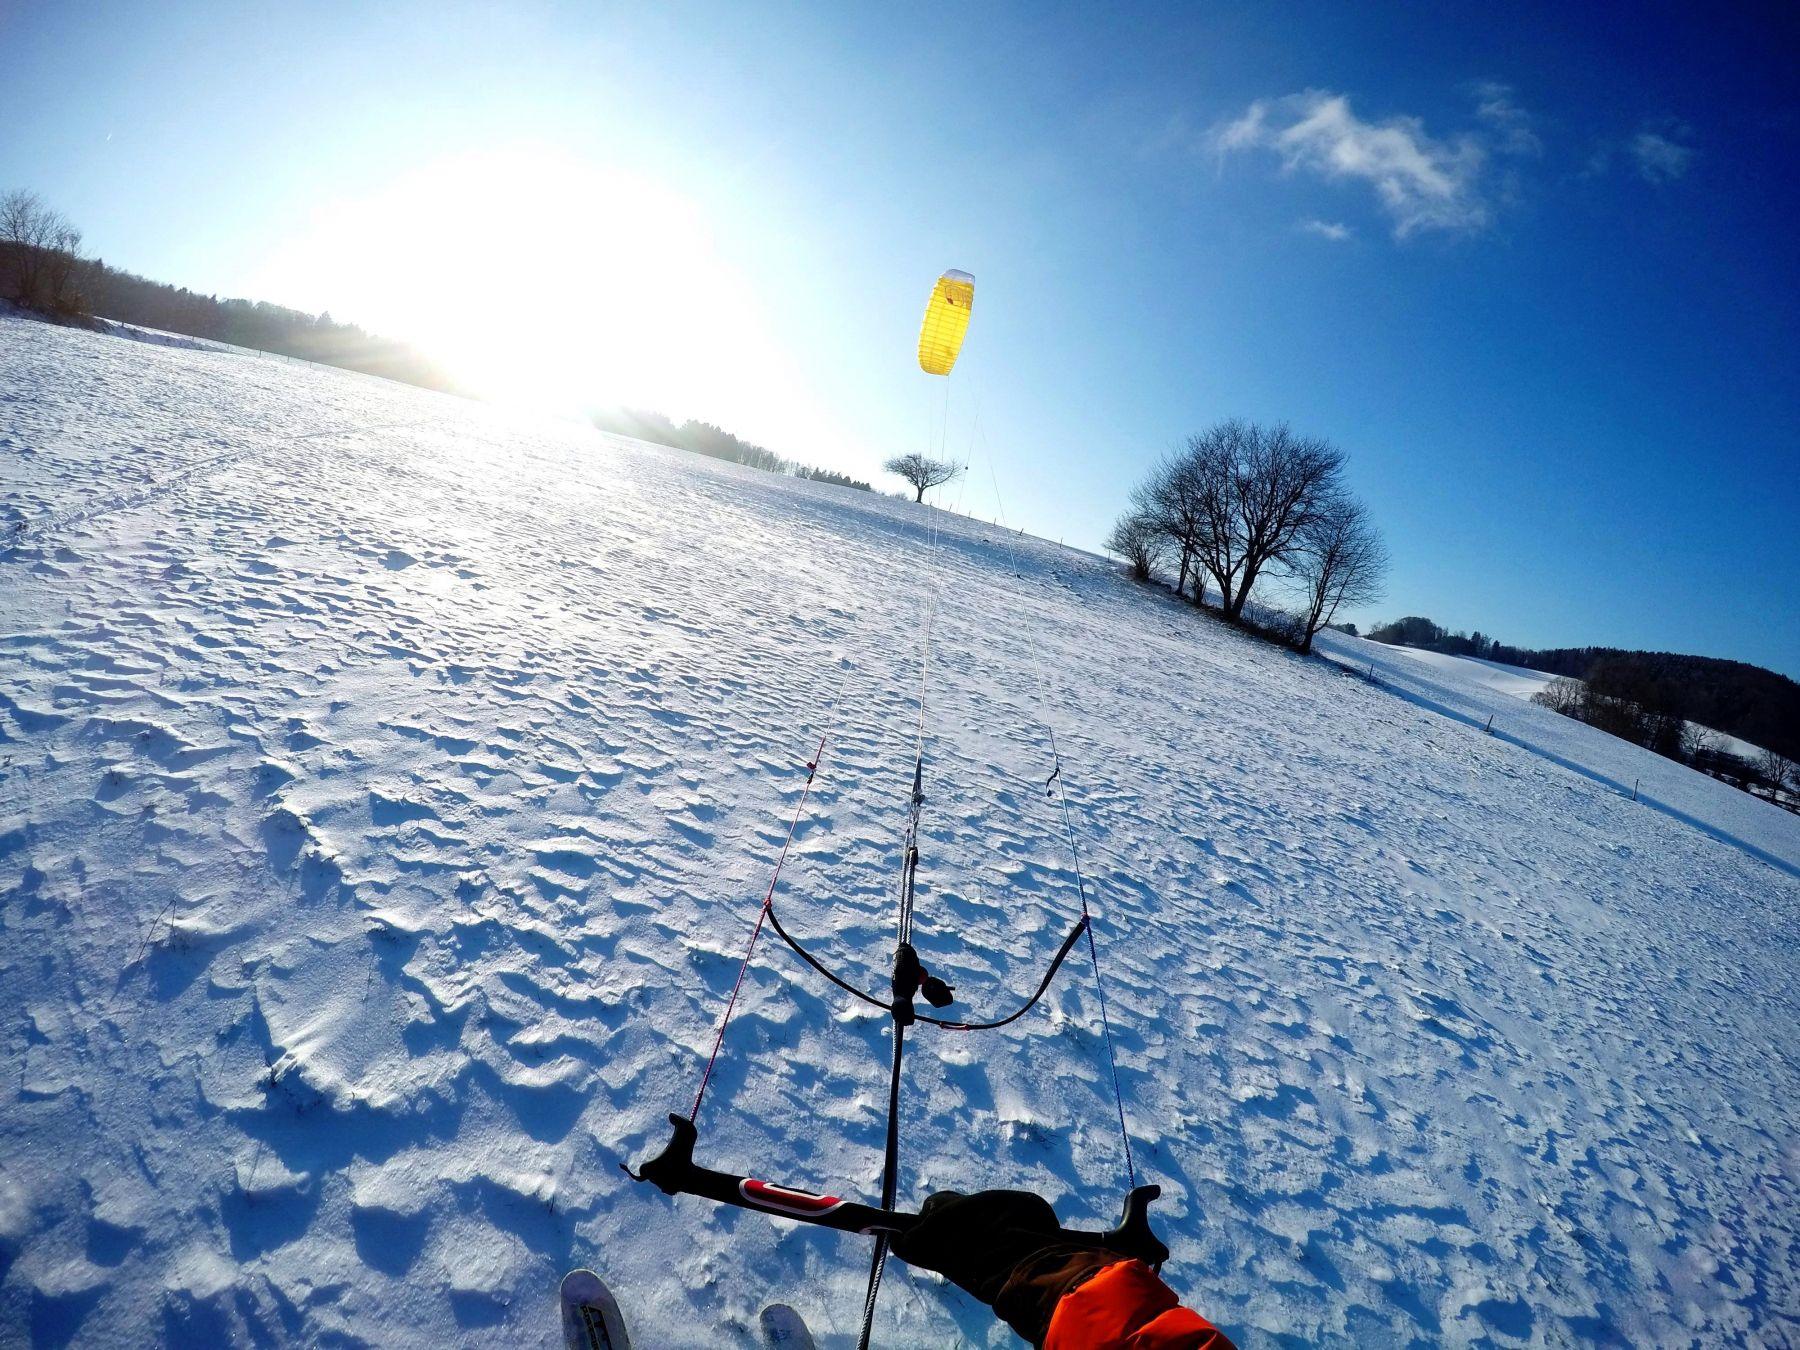 Snowkite-Odenwald_Frenzy_V10_Ozonekites